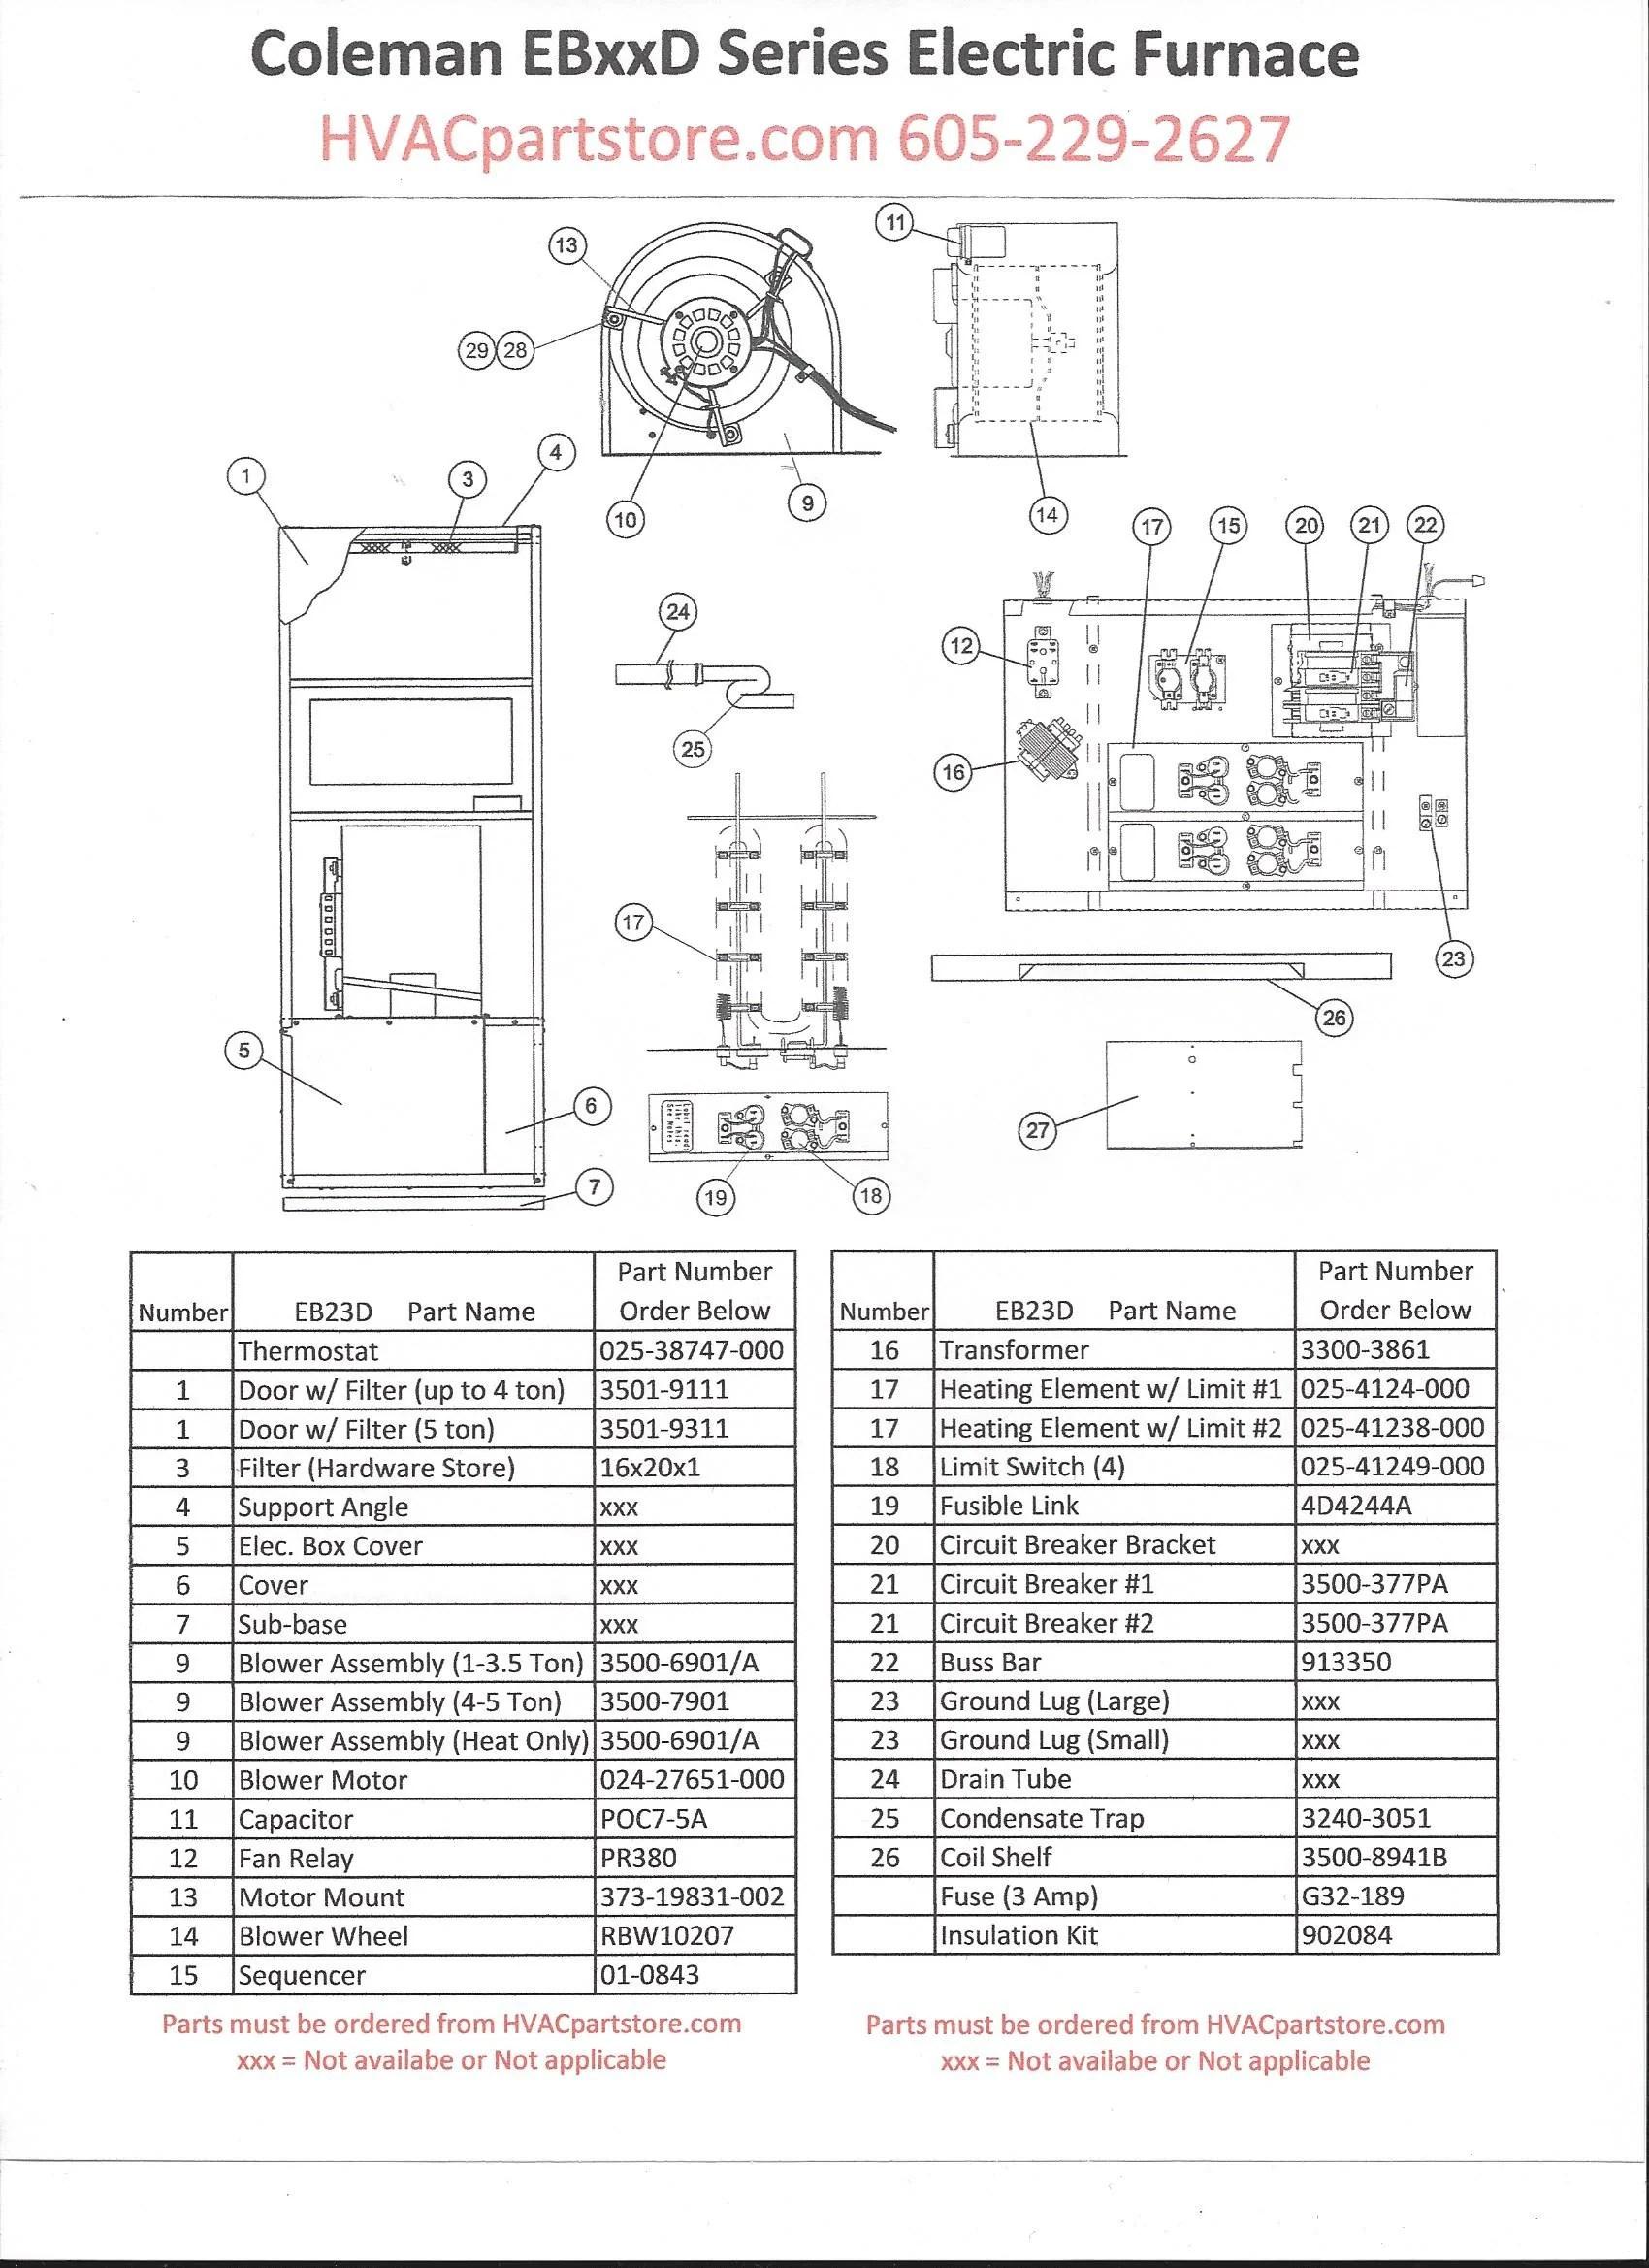 coleman evcon wiring diagram keystone ballast model dgat056bdd gas furnace